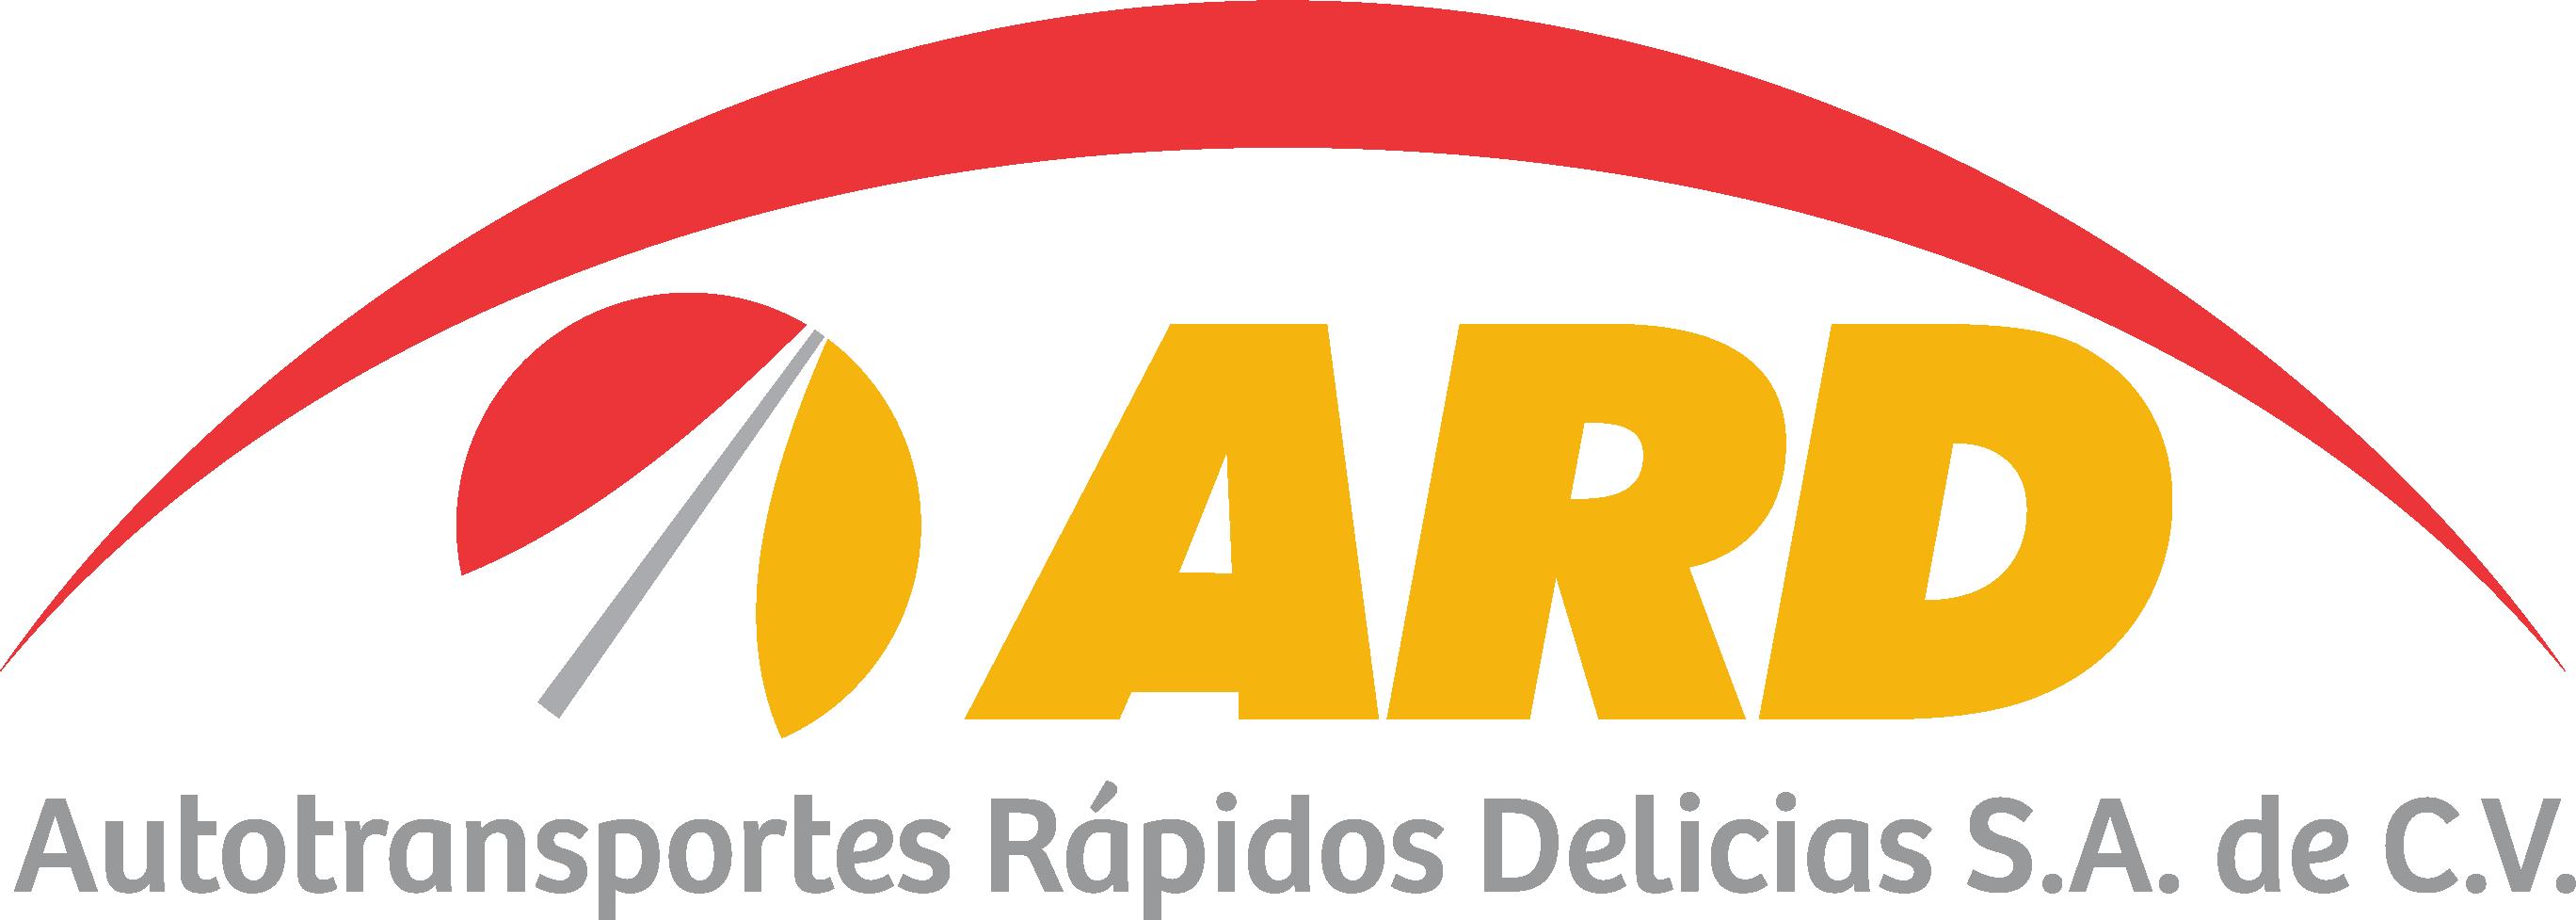 Autotransportes Rápidos Delicias